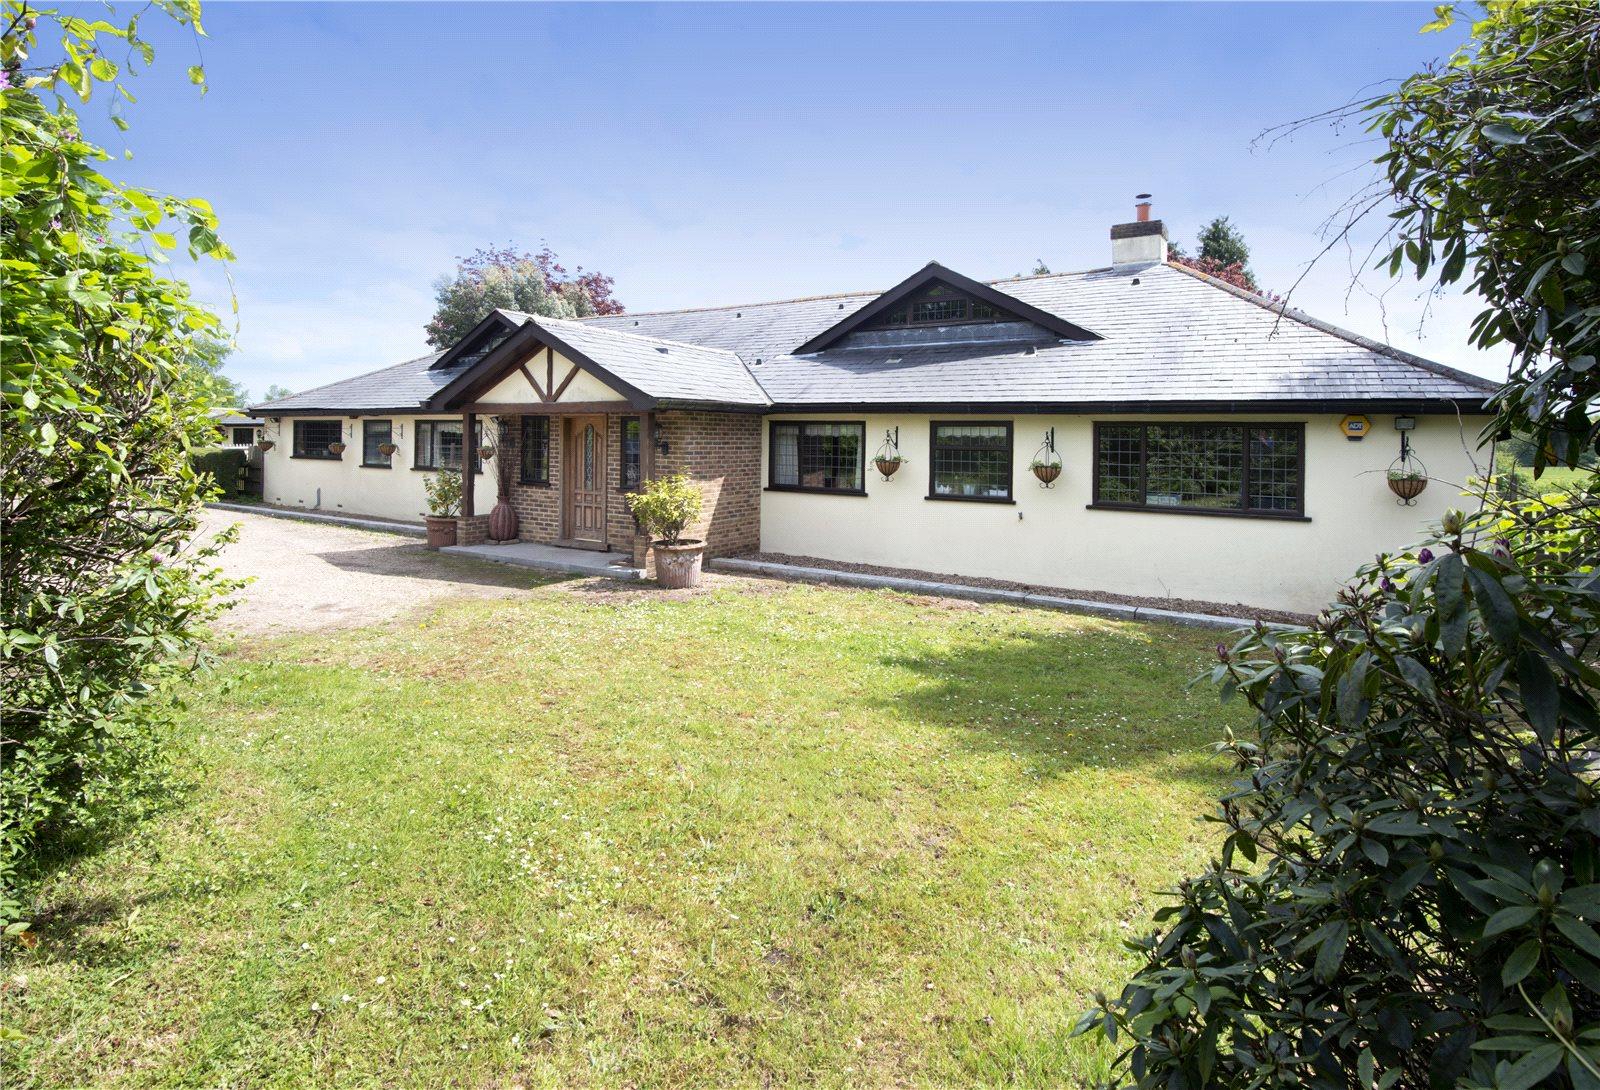 Частный дом для того Продажа на Buckhurst Road, Westerham, Kent, TN16 Westerham, Англия